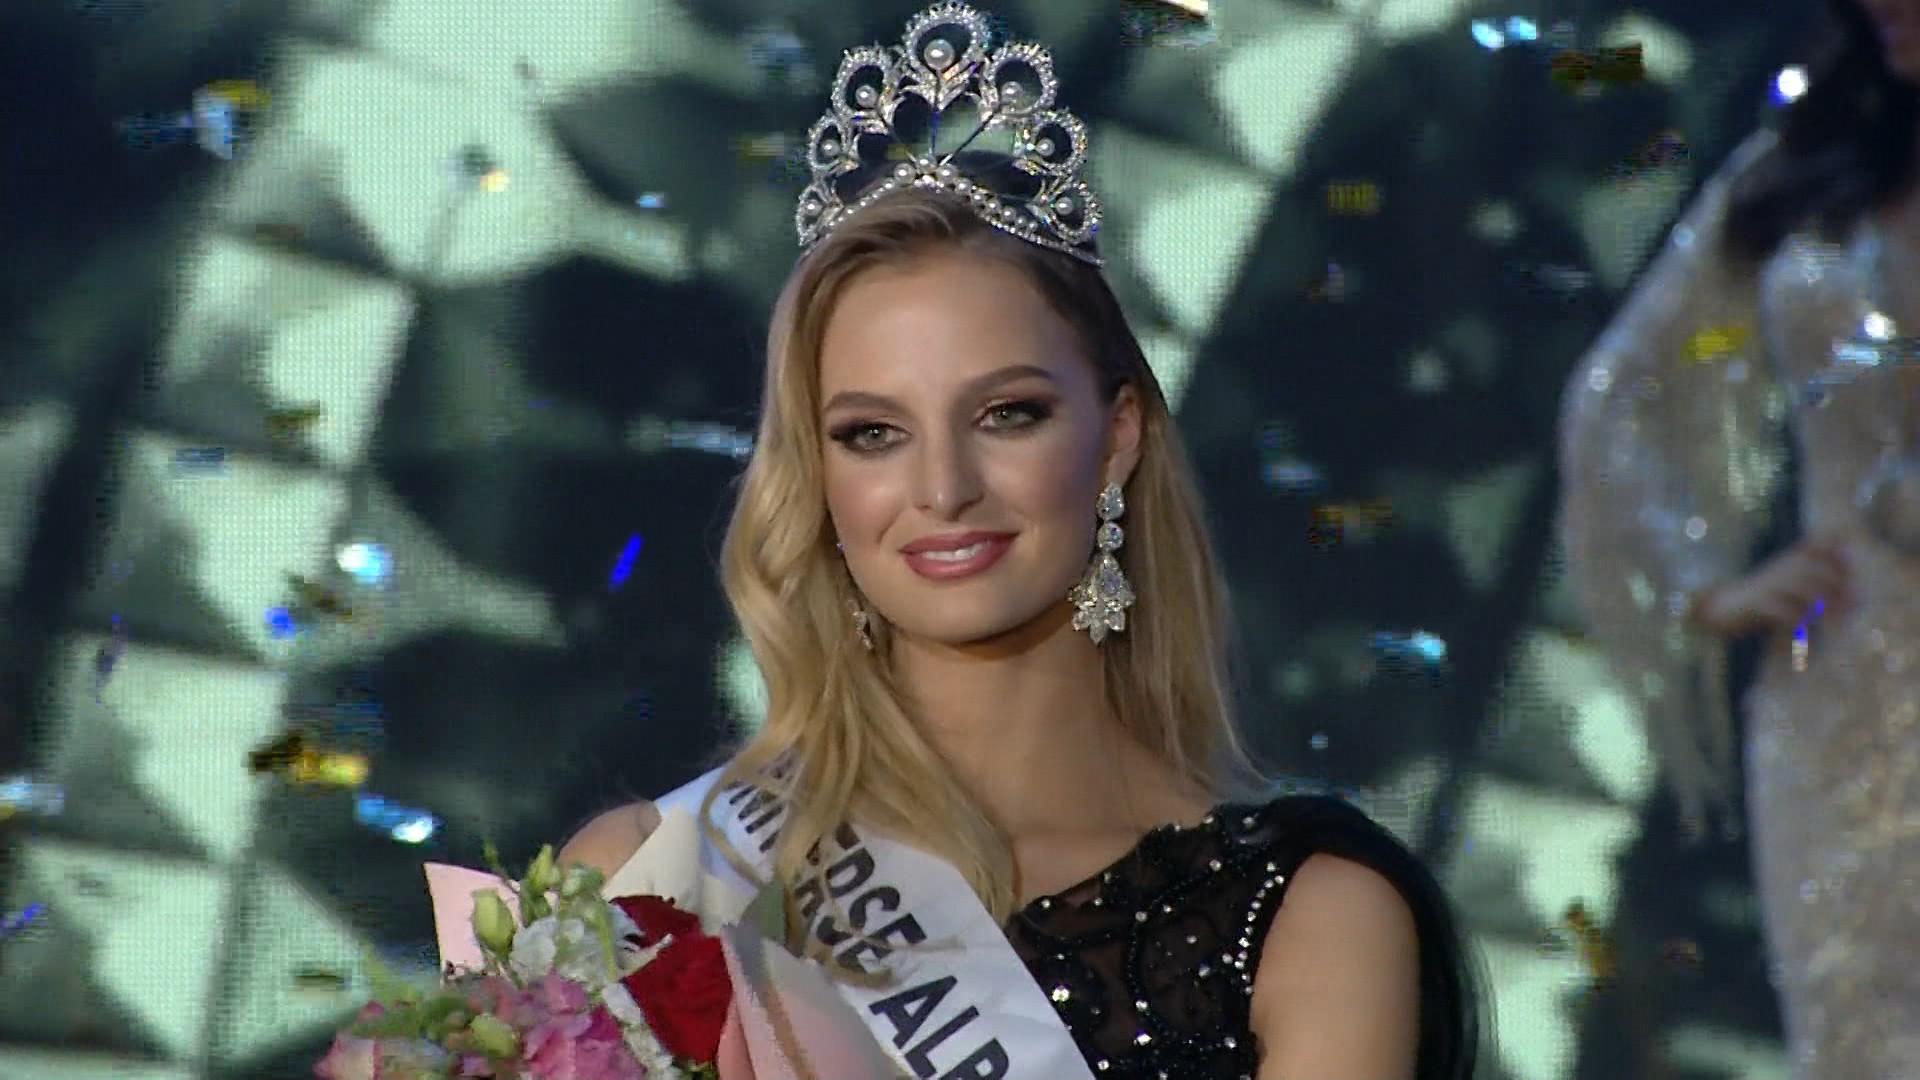 Hoa hậu Hoàn vũ Albania 2019 đẹp tuyệt trần, được ví như thiên thần Victorias Secret - Ảnh 1.